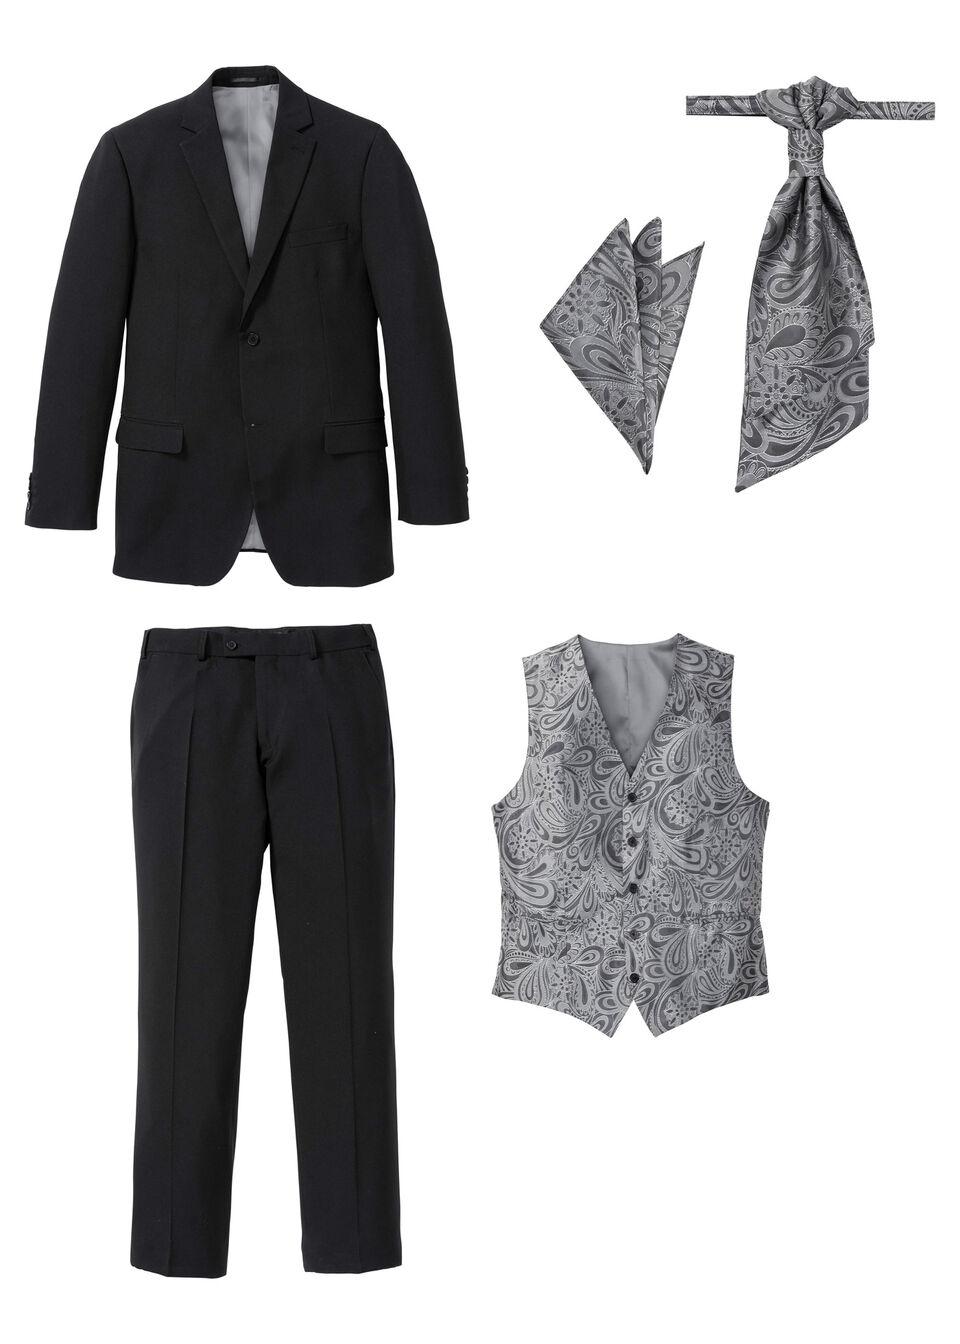 Пиджак, брюки, жилет, рубашка и галстук (костюм из 5 изделий) от bonprix